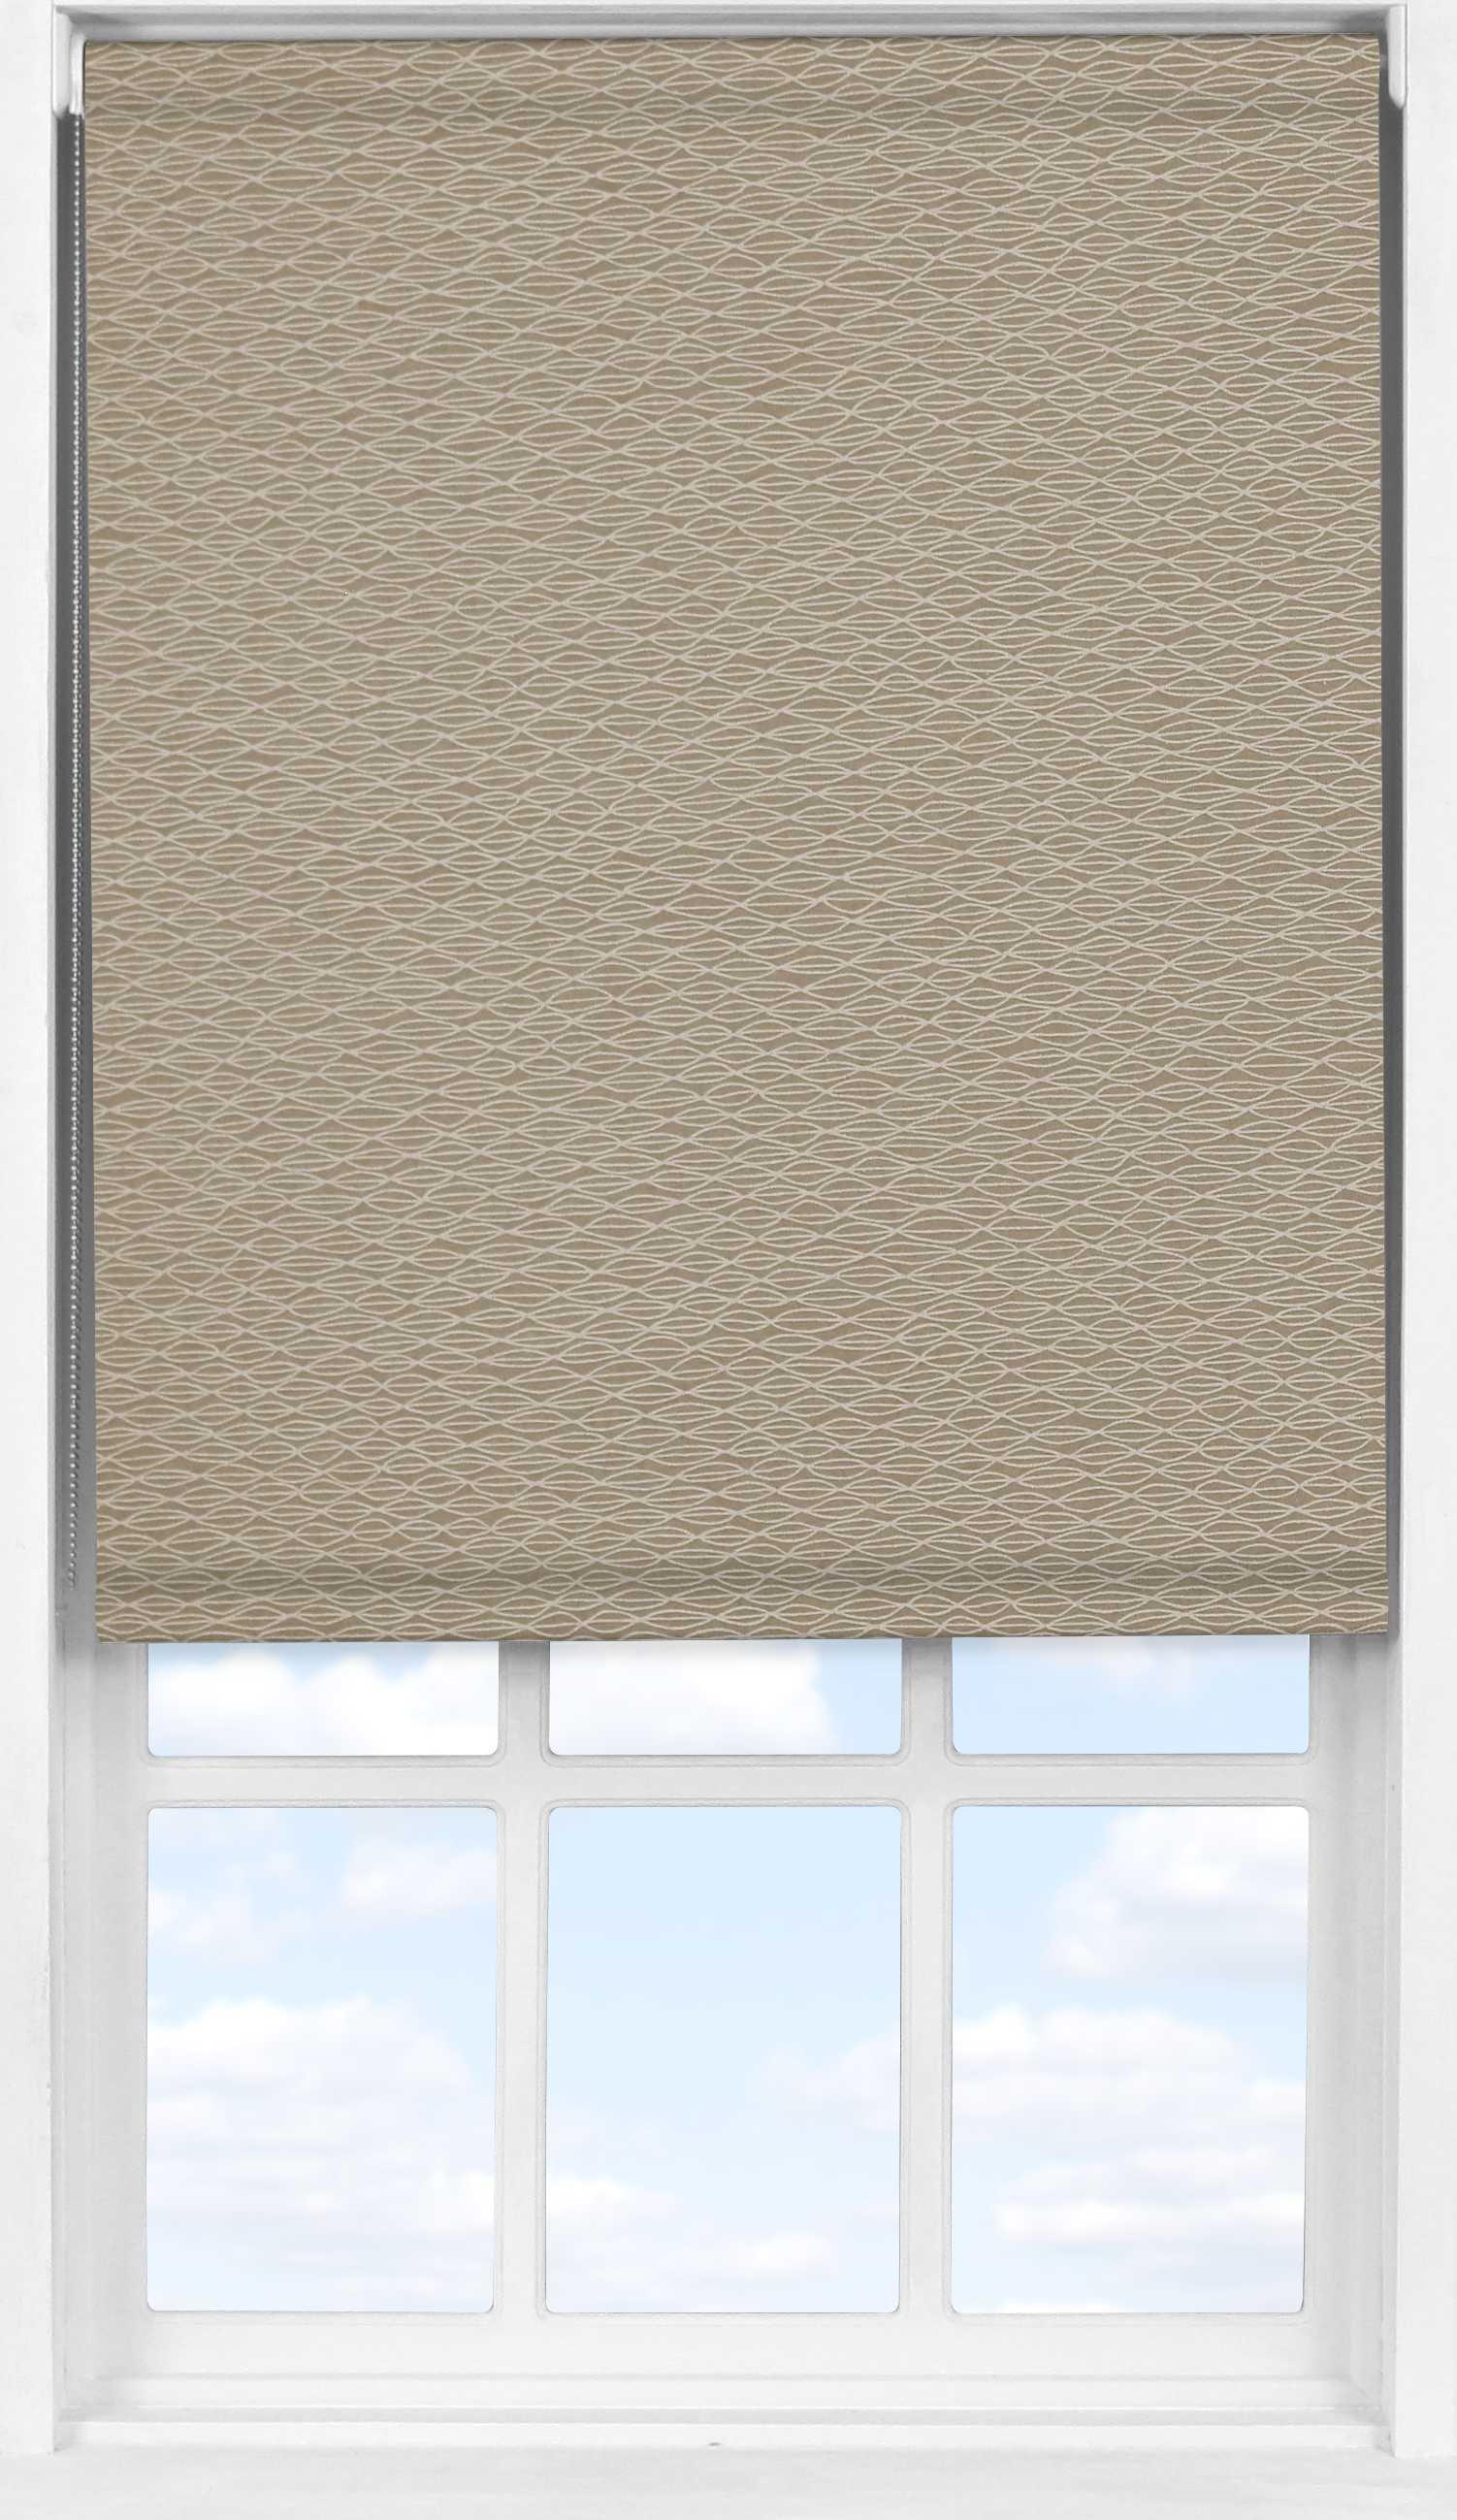 Easifit Roller Blind in Natural Shell Transparent